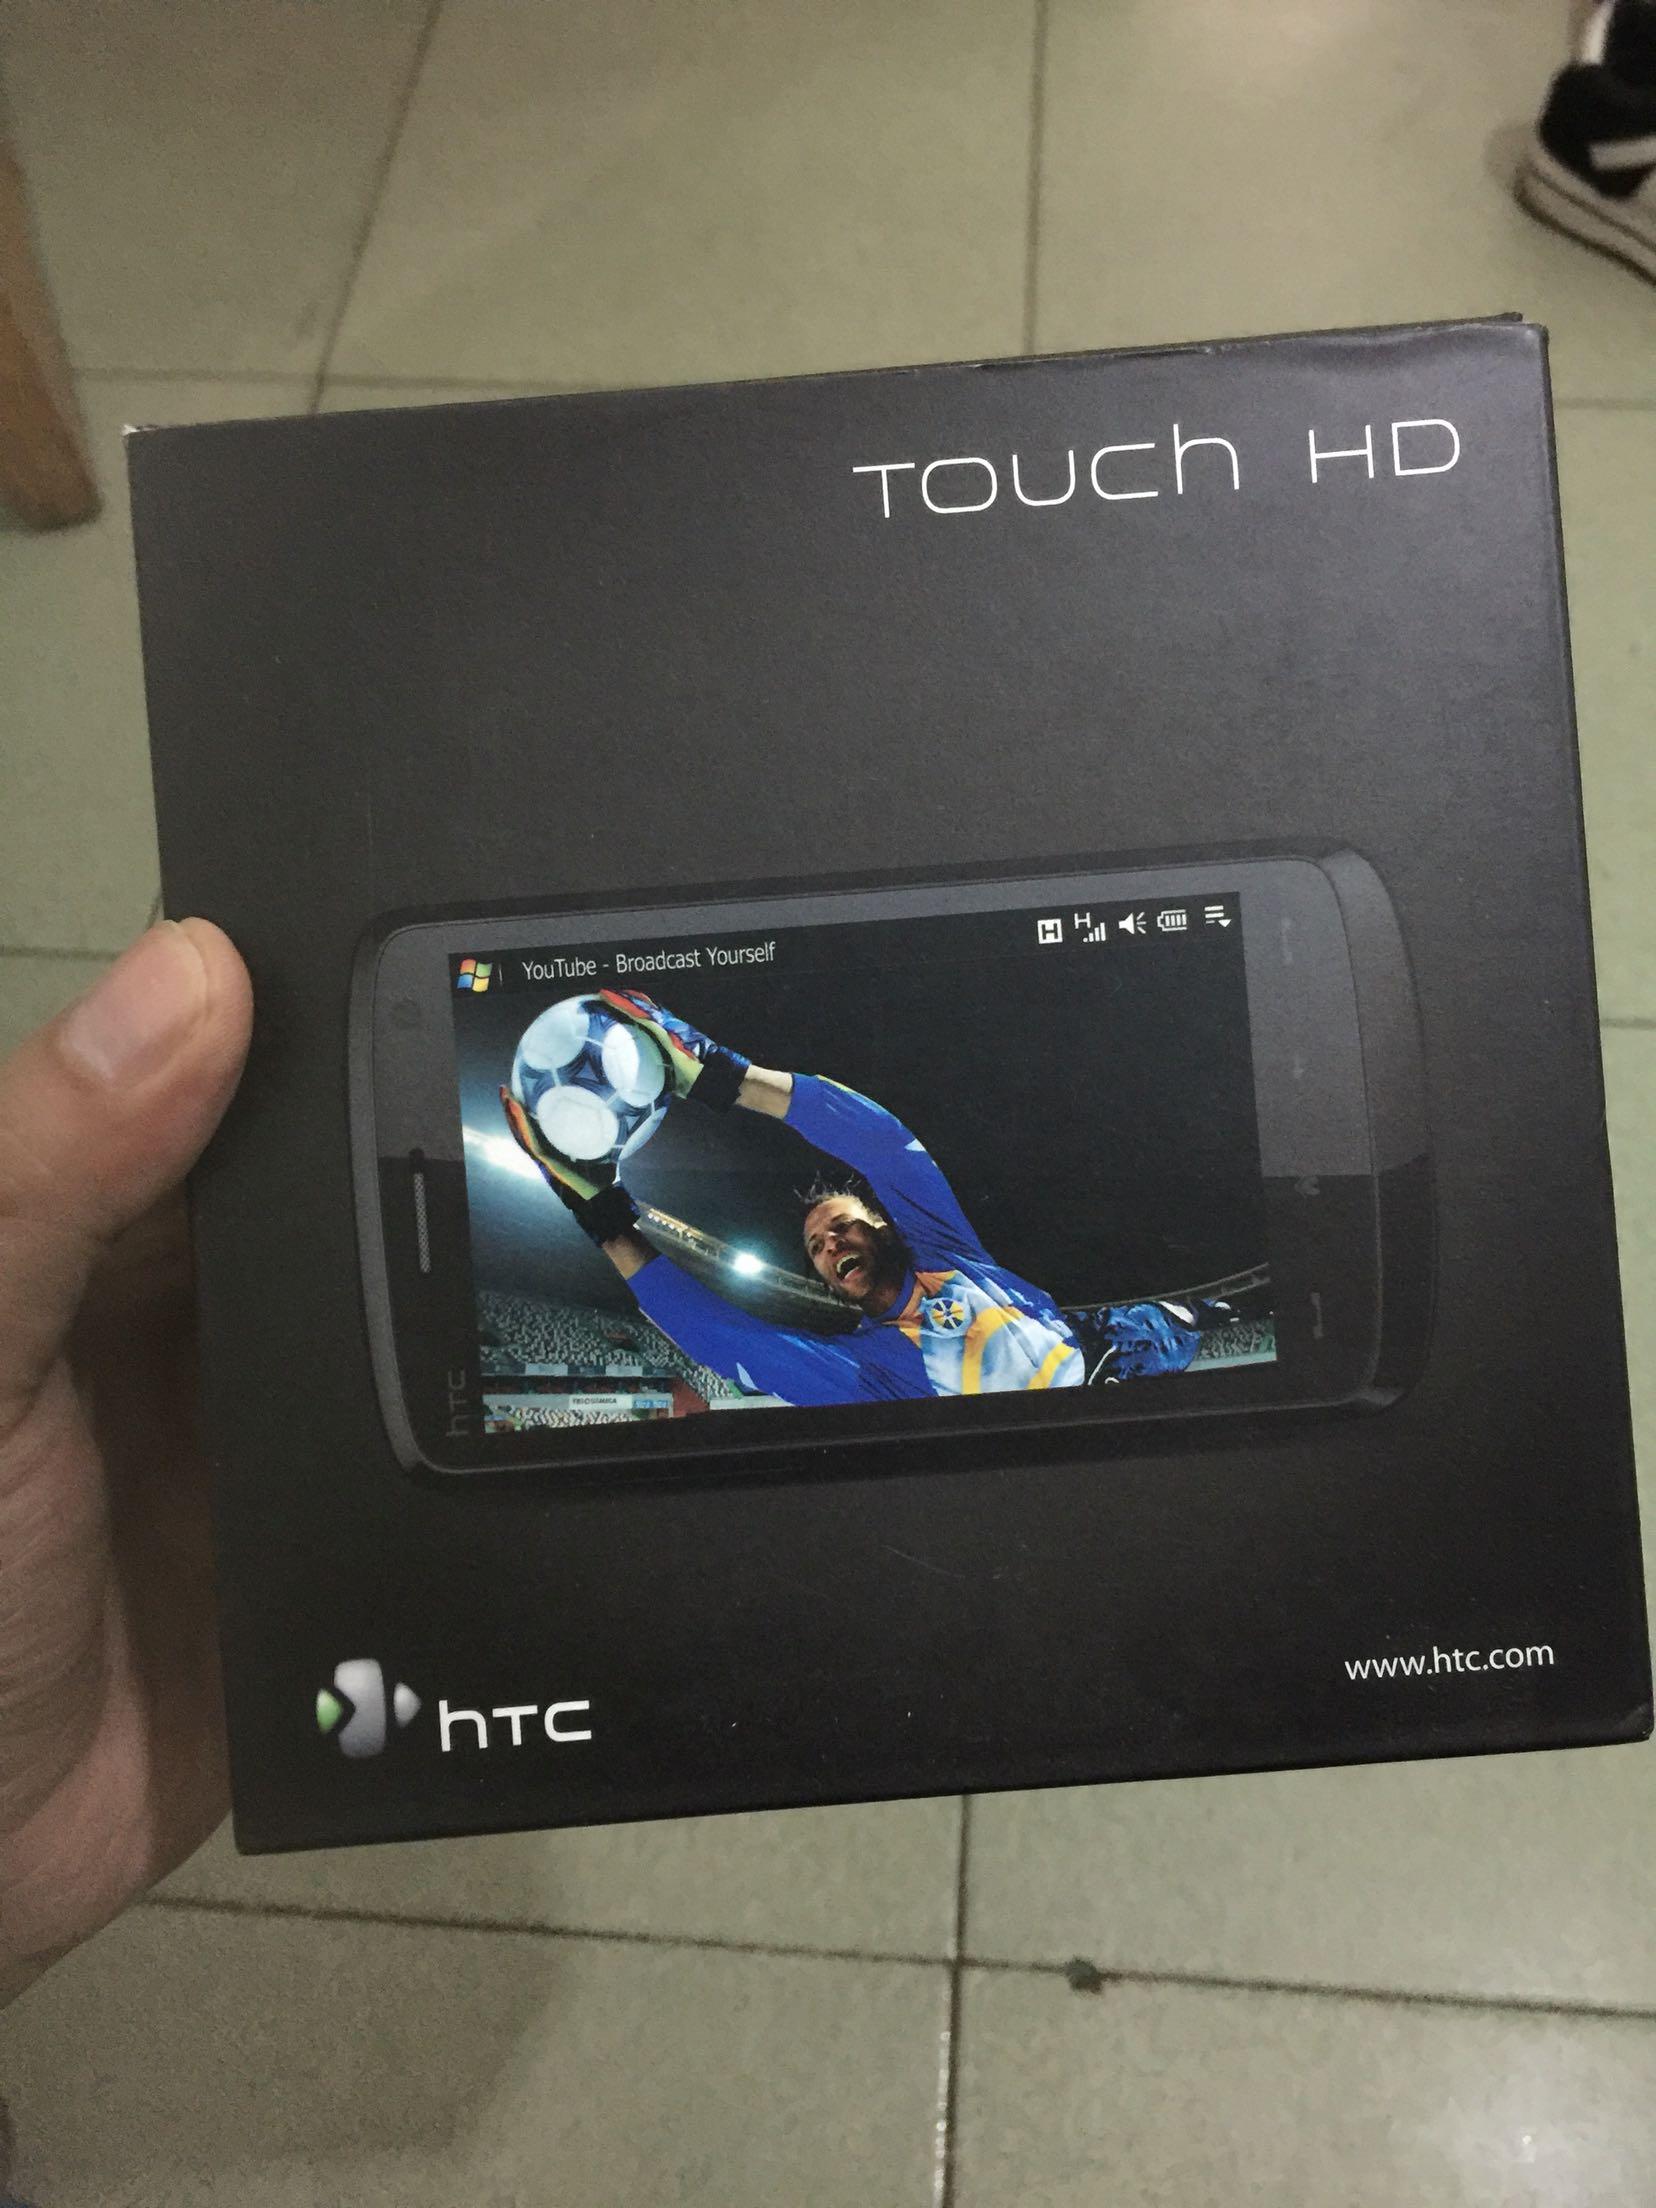 Htc HD 多普达 touch HD  带盒子收藏不错 数量不多